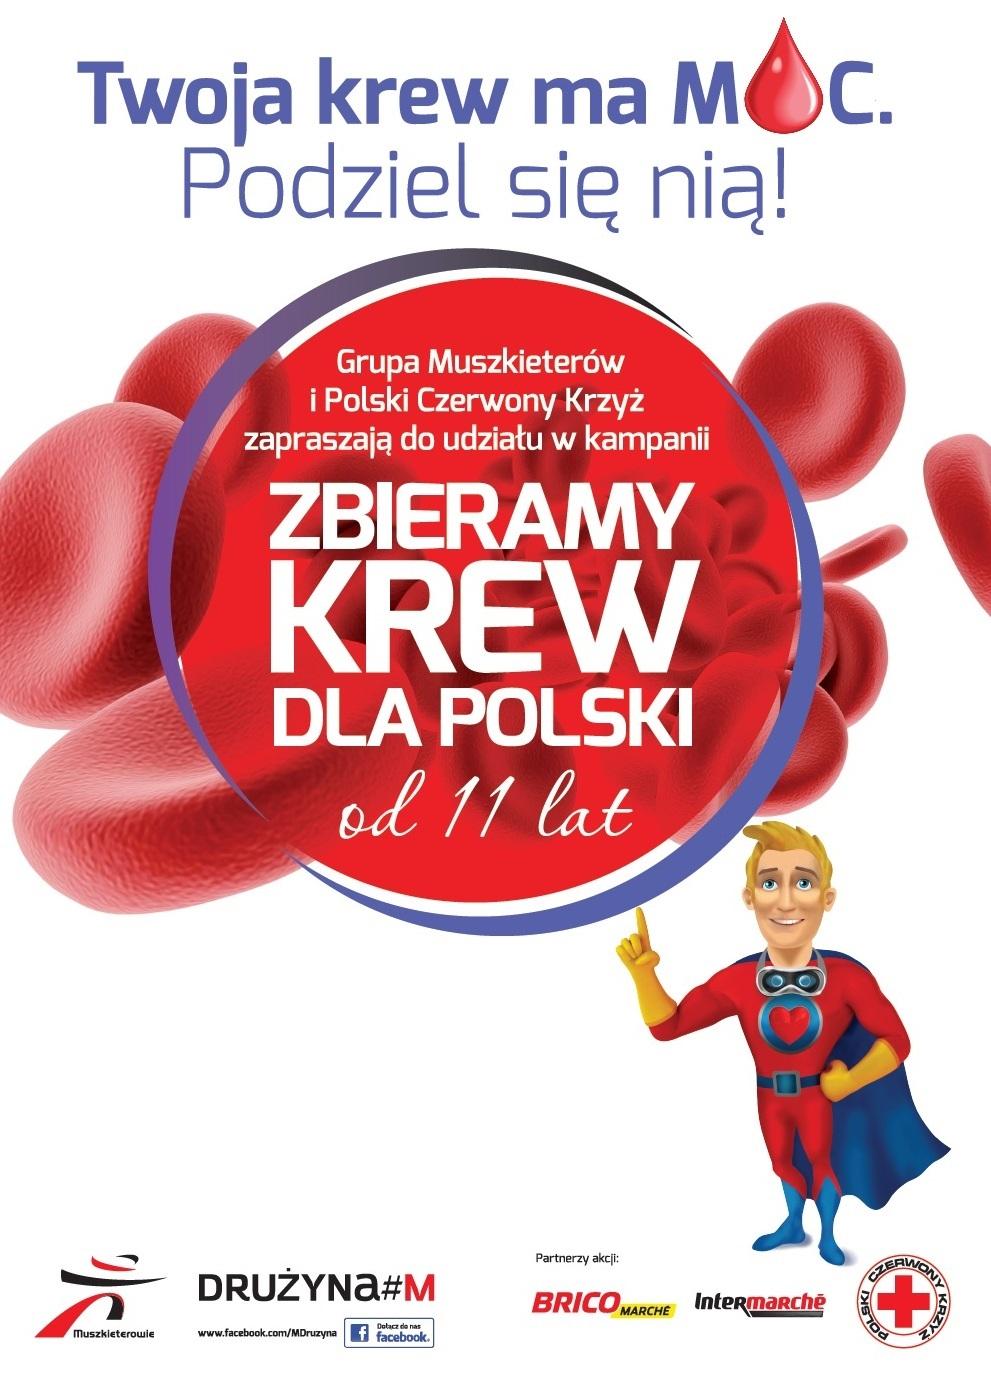 http://m.82-200.pl/2018/05/orig/zbieramy-krew-dla-polski-2018-3000.jpg